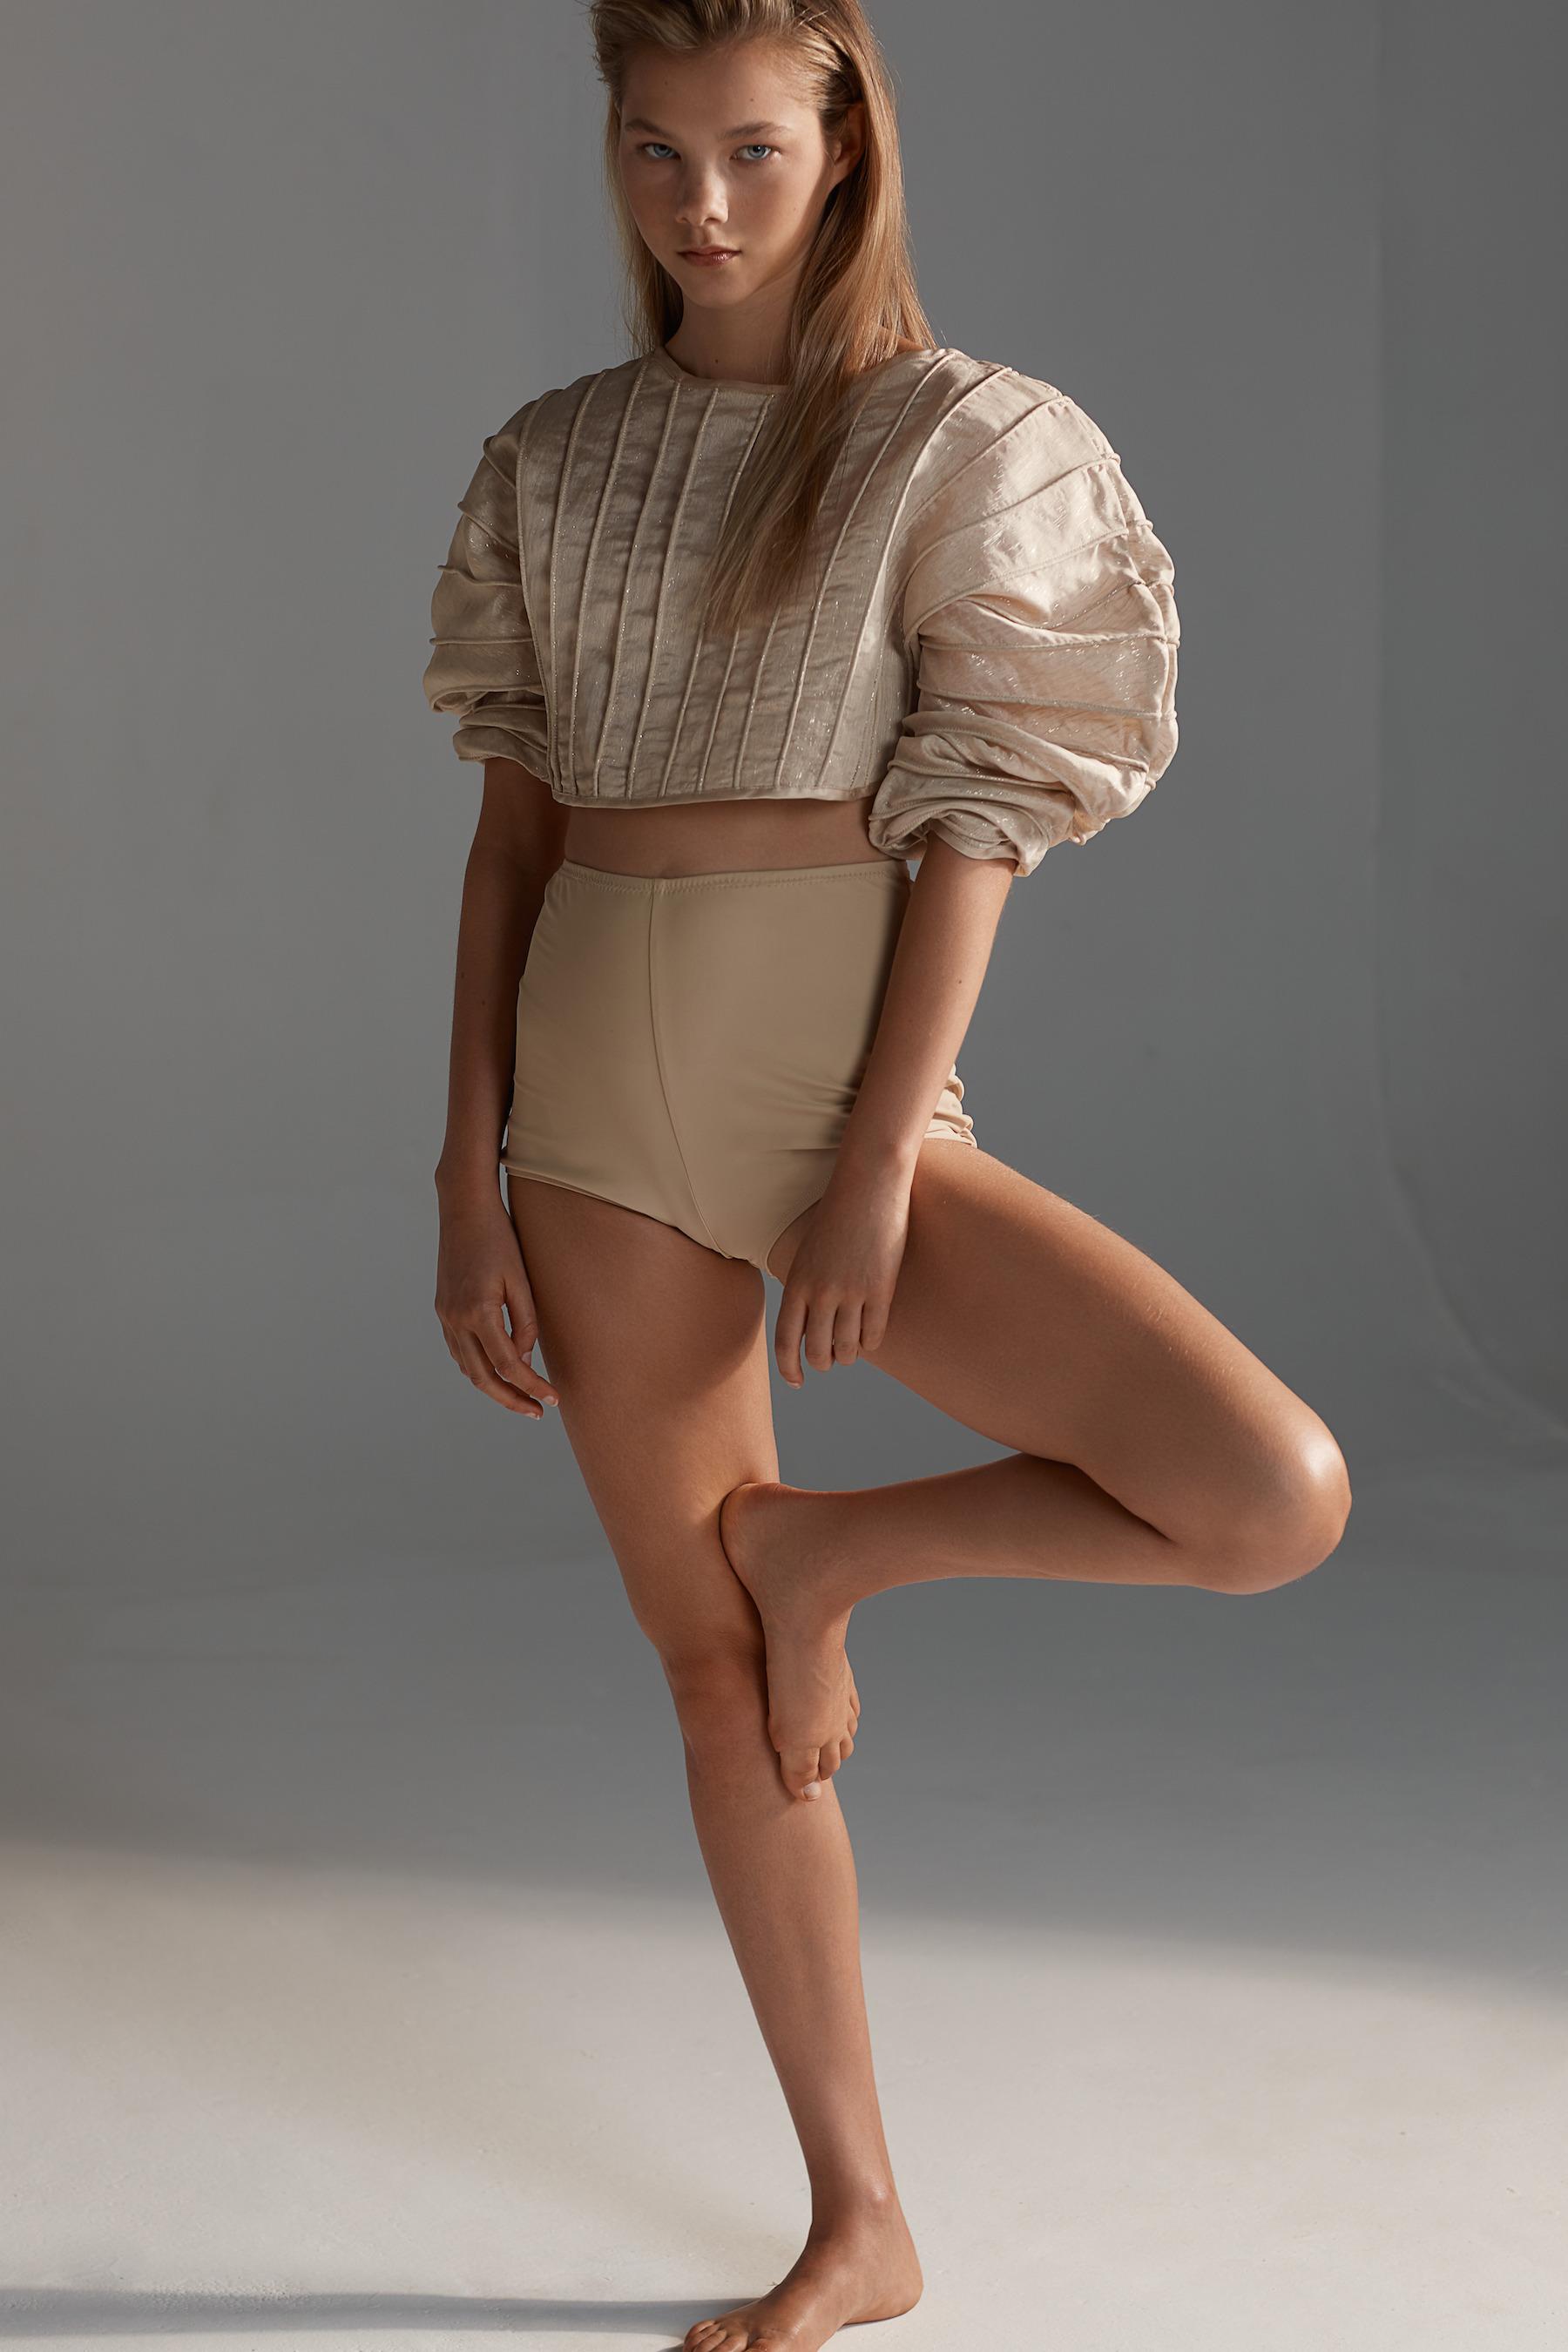 Phoebe | anyonegirl